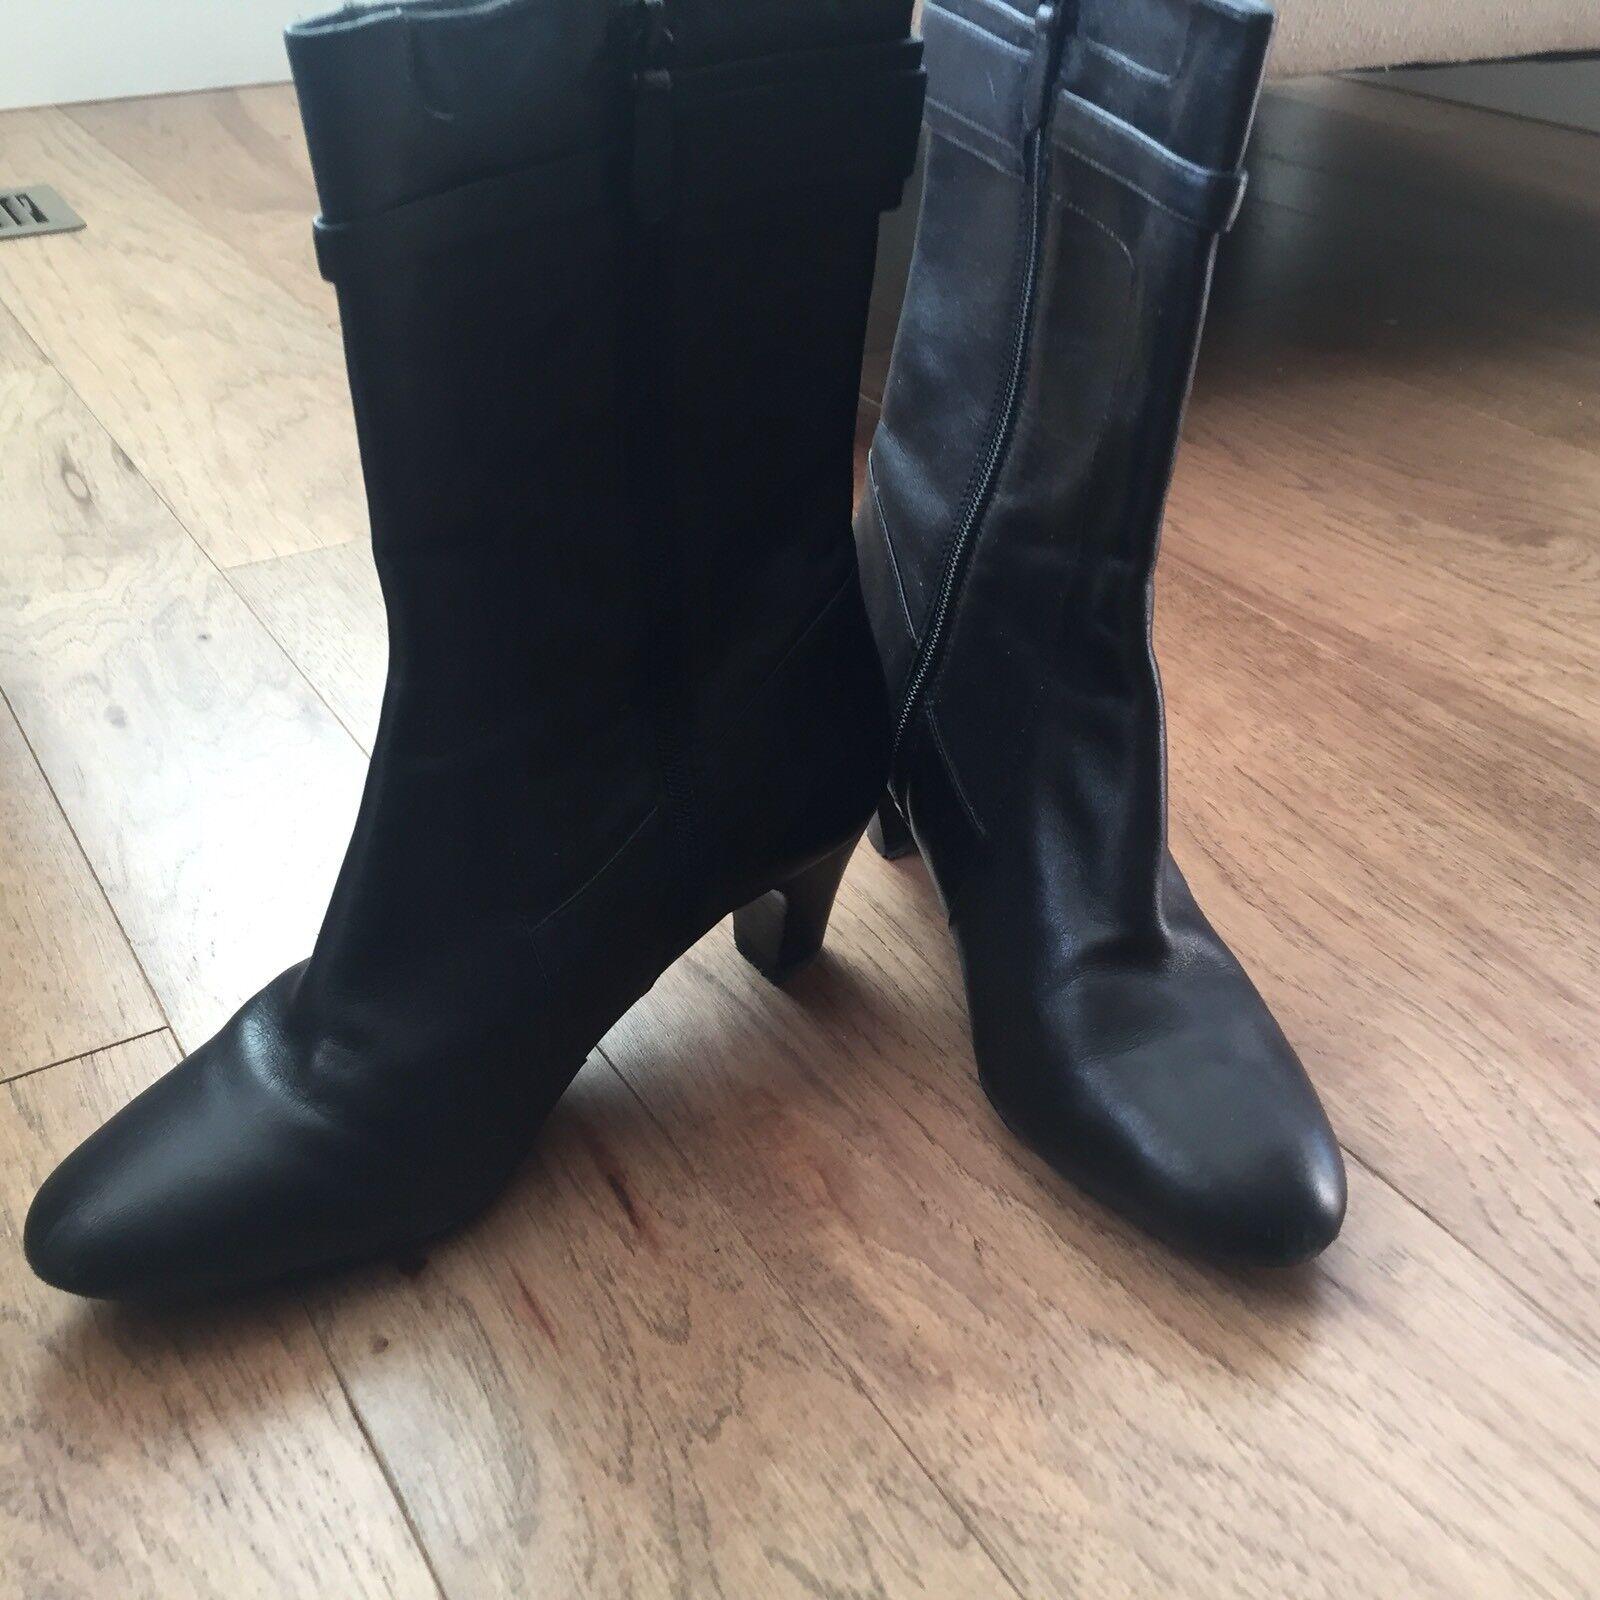 Cole Haan damen Stiefel schwarz leather  with side zipper Größe 8.5